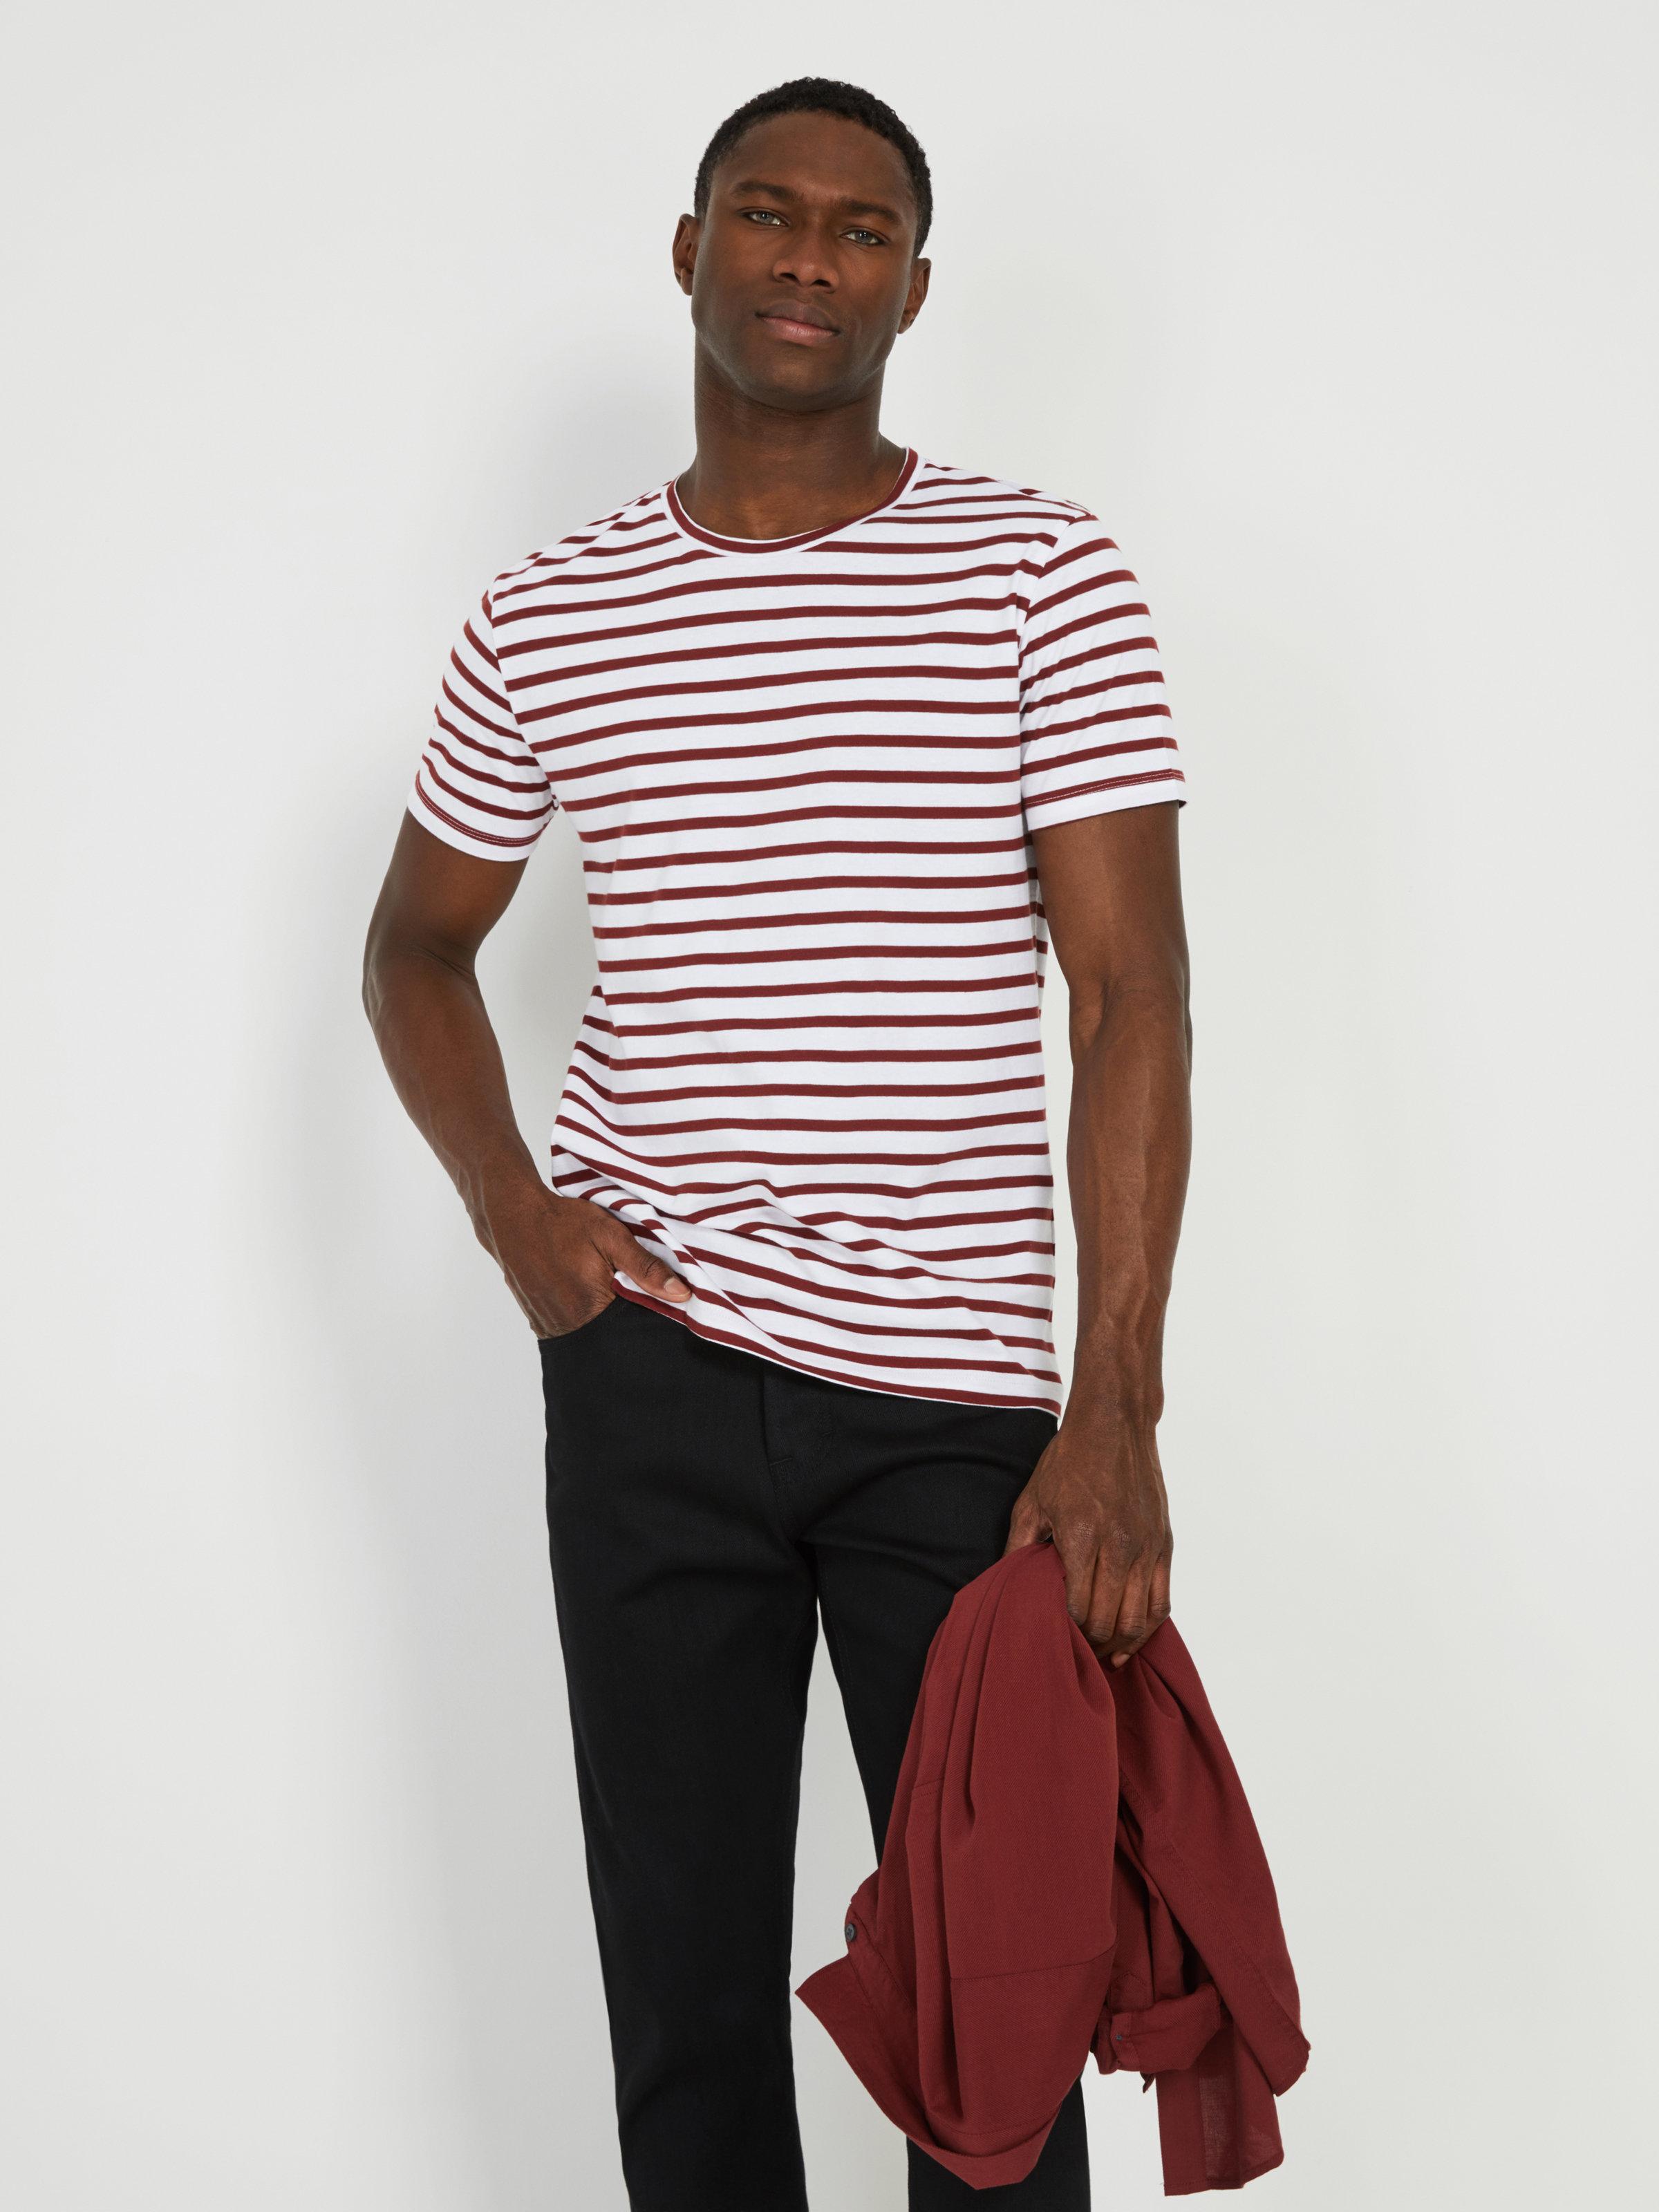 #frankandoak fashions